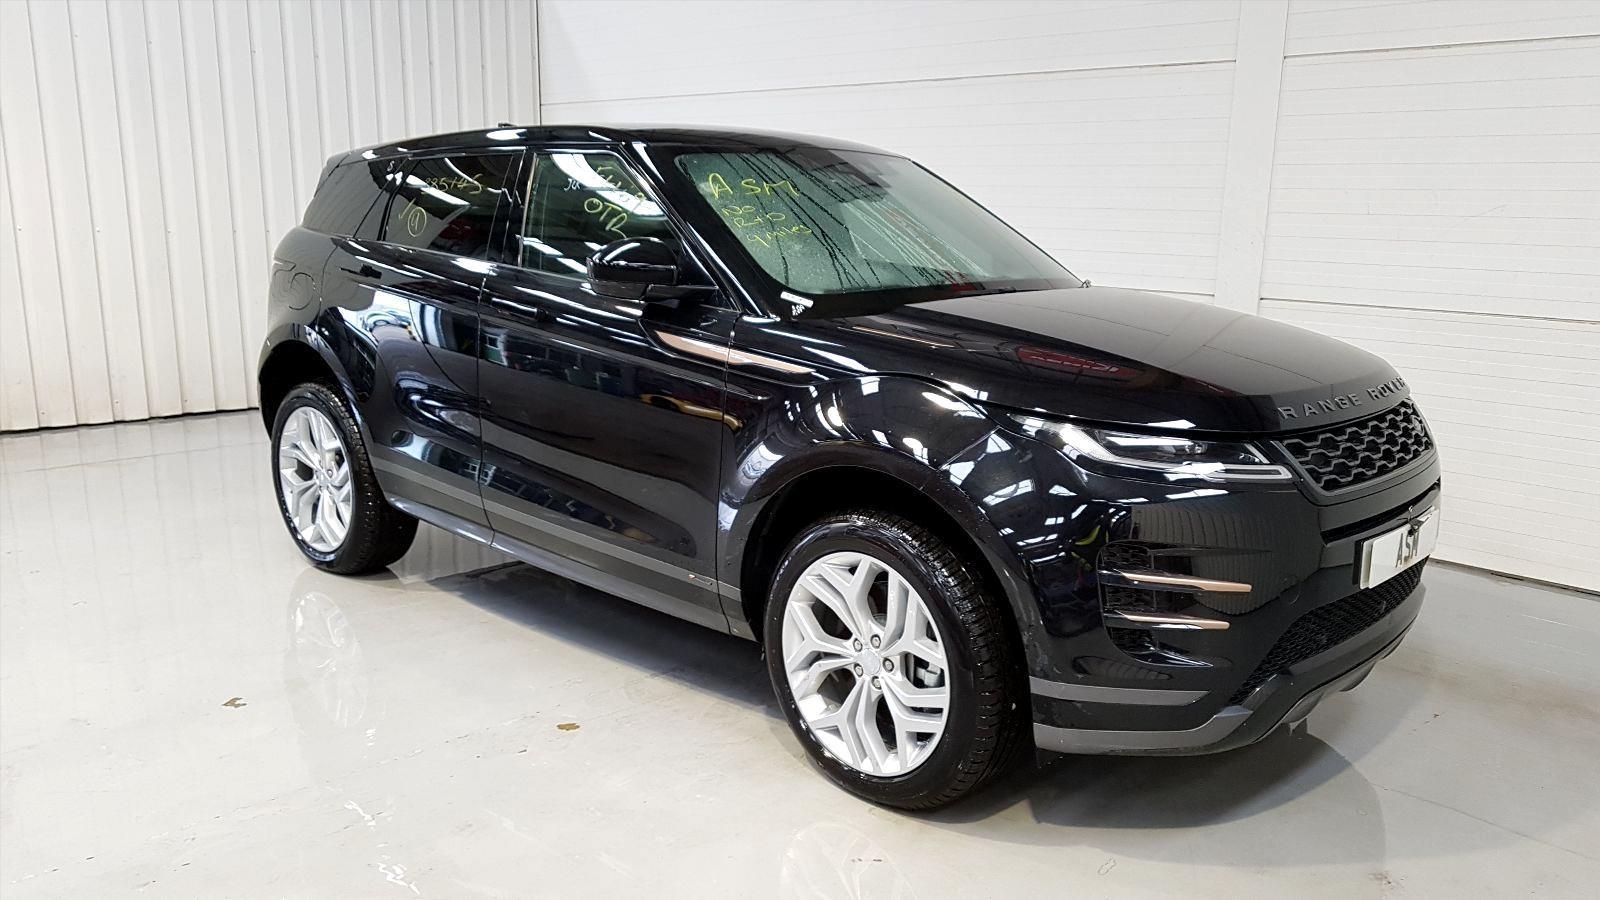 Image for a Land Rover Range Rover Evoque 2020 5 Door Estate